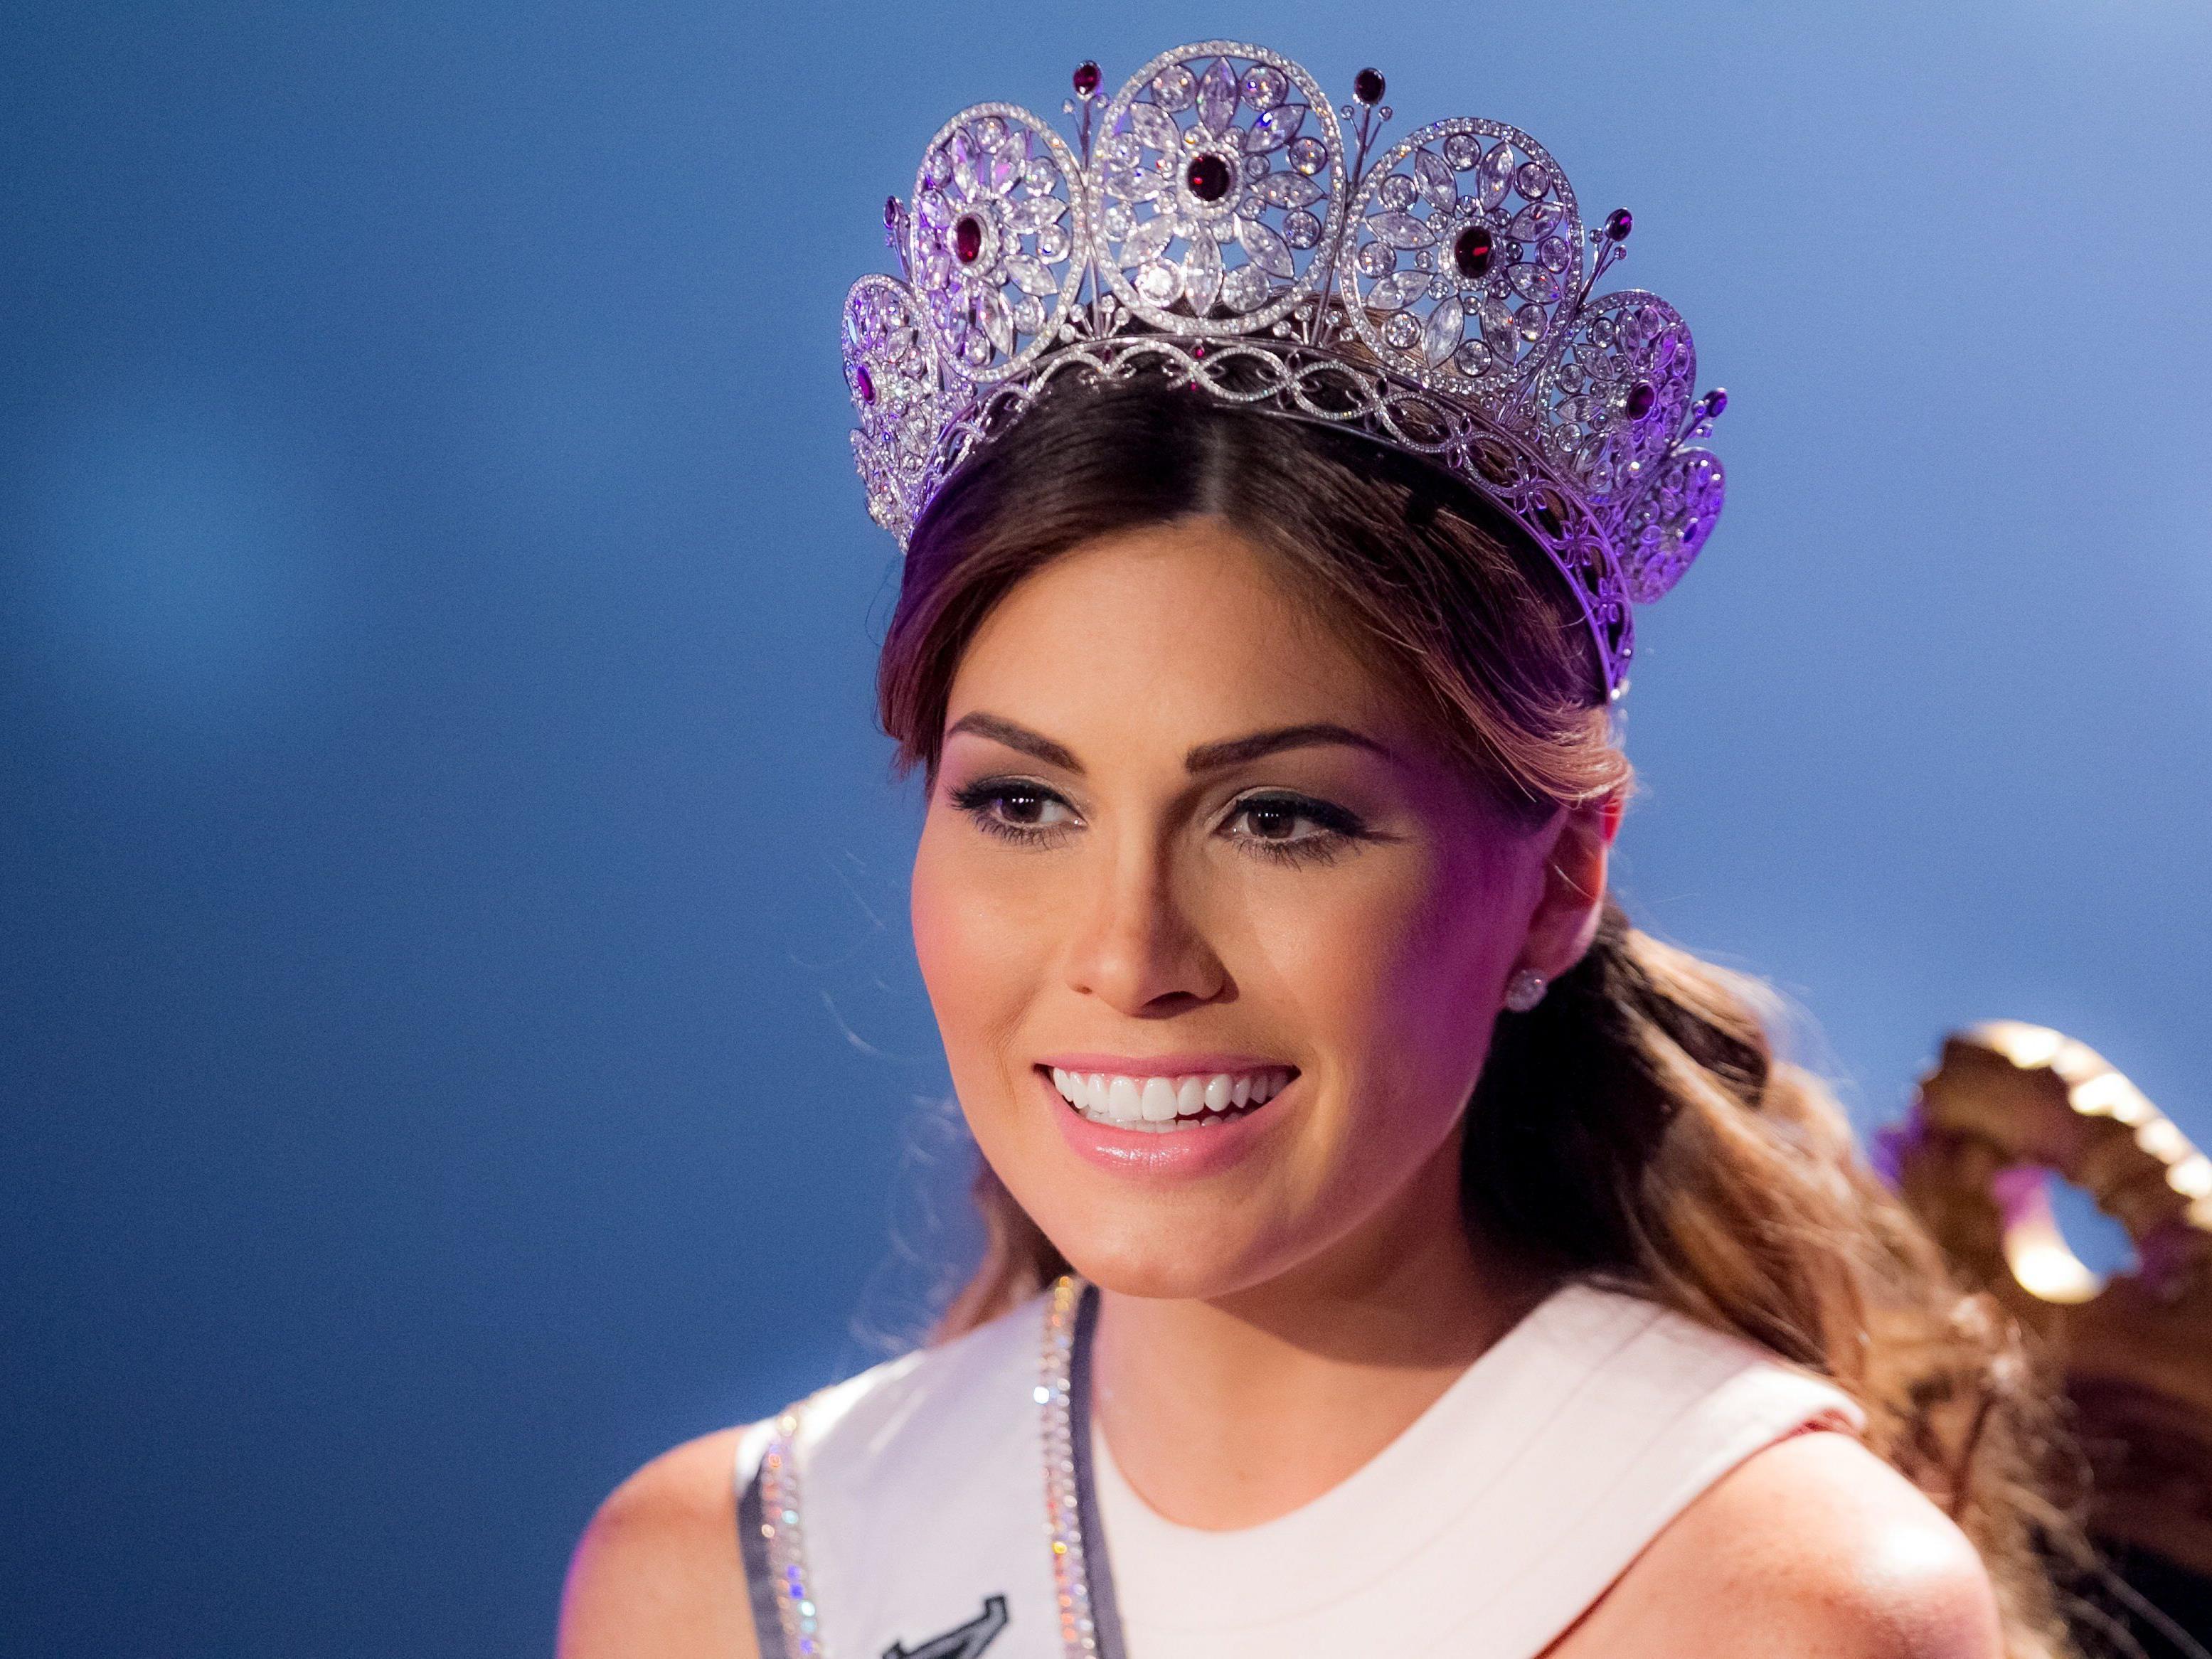 Am 25. Jänner entscheidet sich wer die Krone von Gabriela Isler übernimmt.